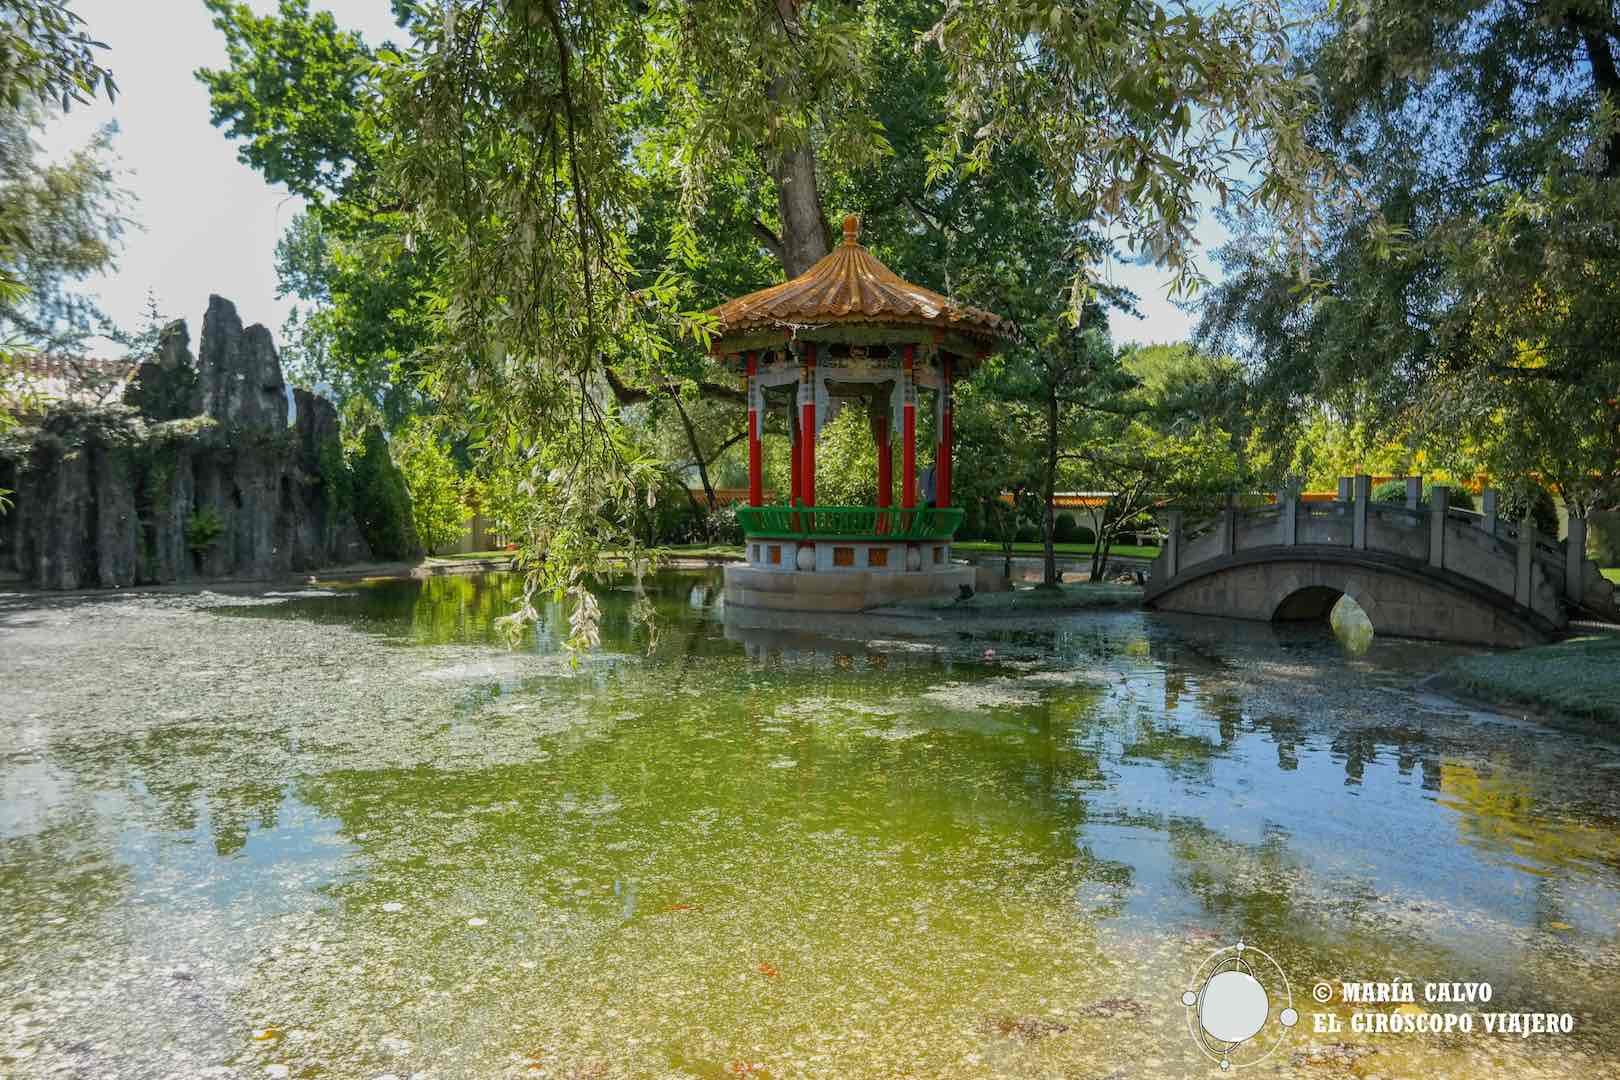 Un ins lito jard n chino en suiza el chinagarten de z rich for Chino el jardin